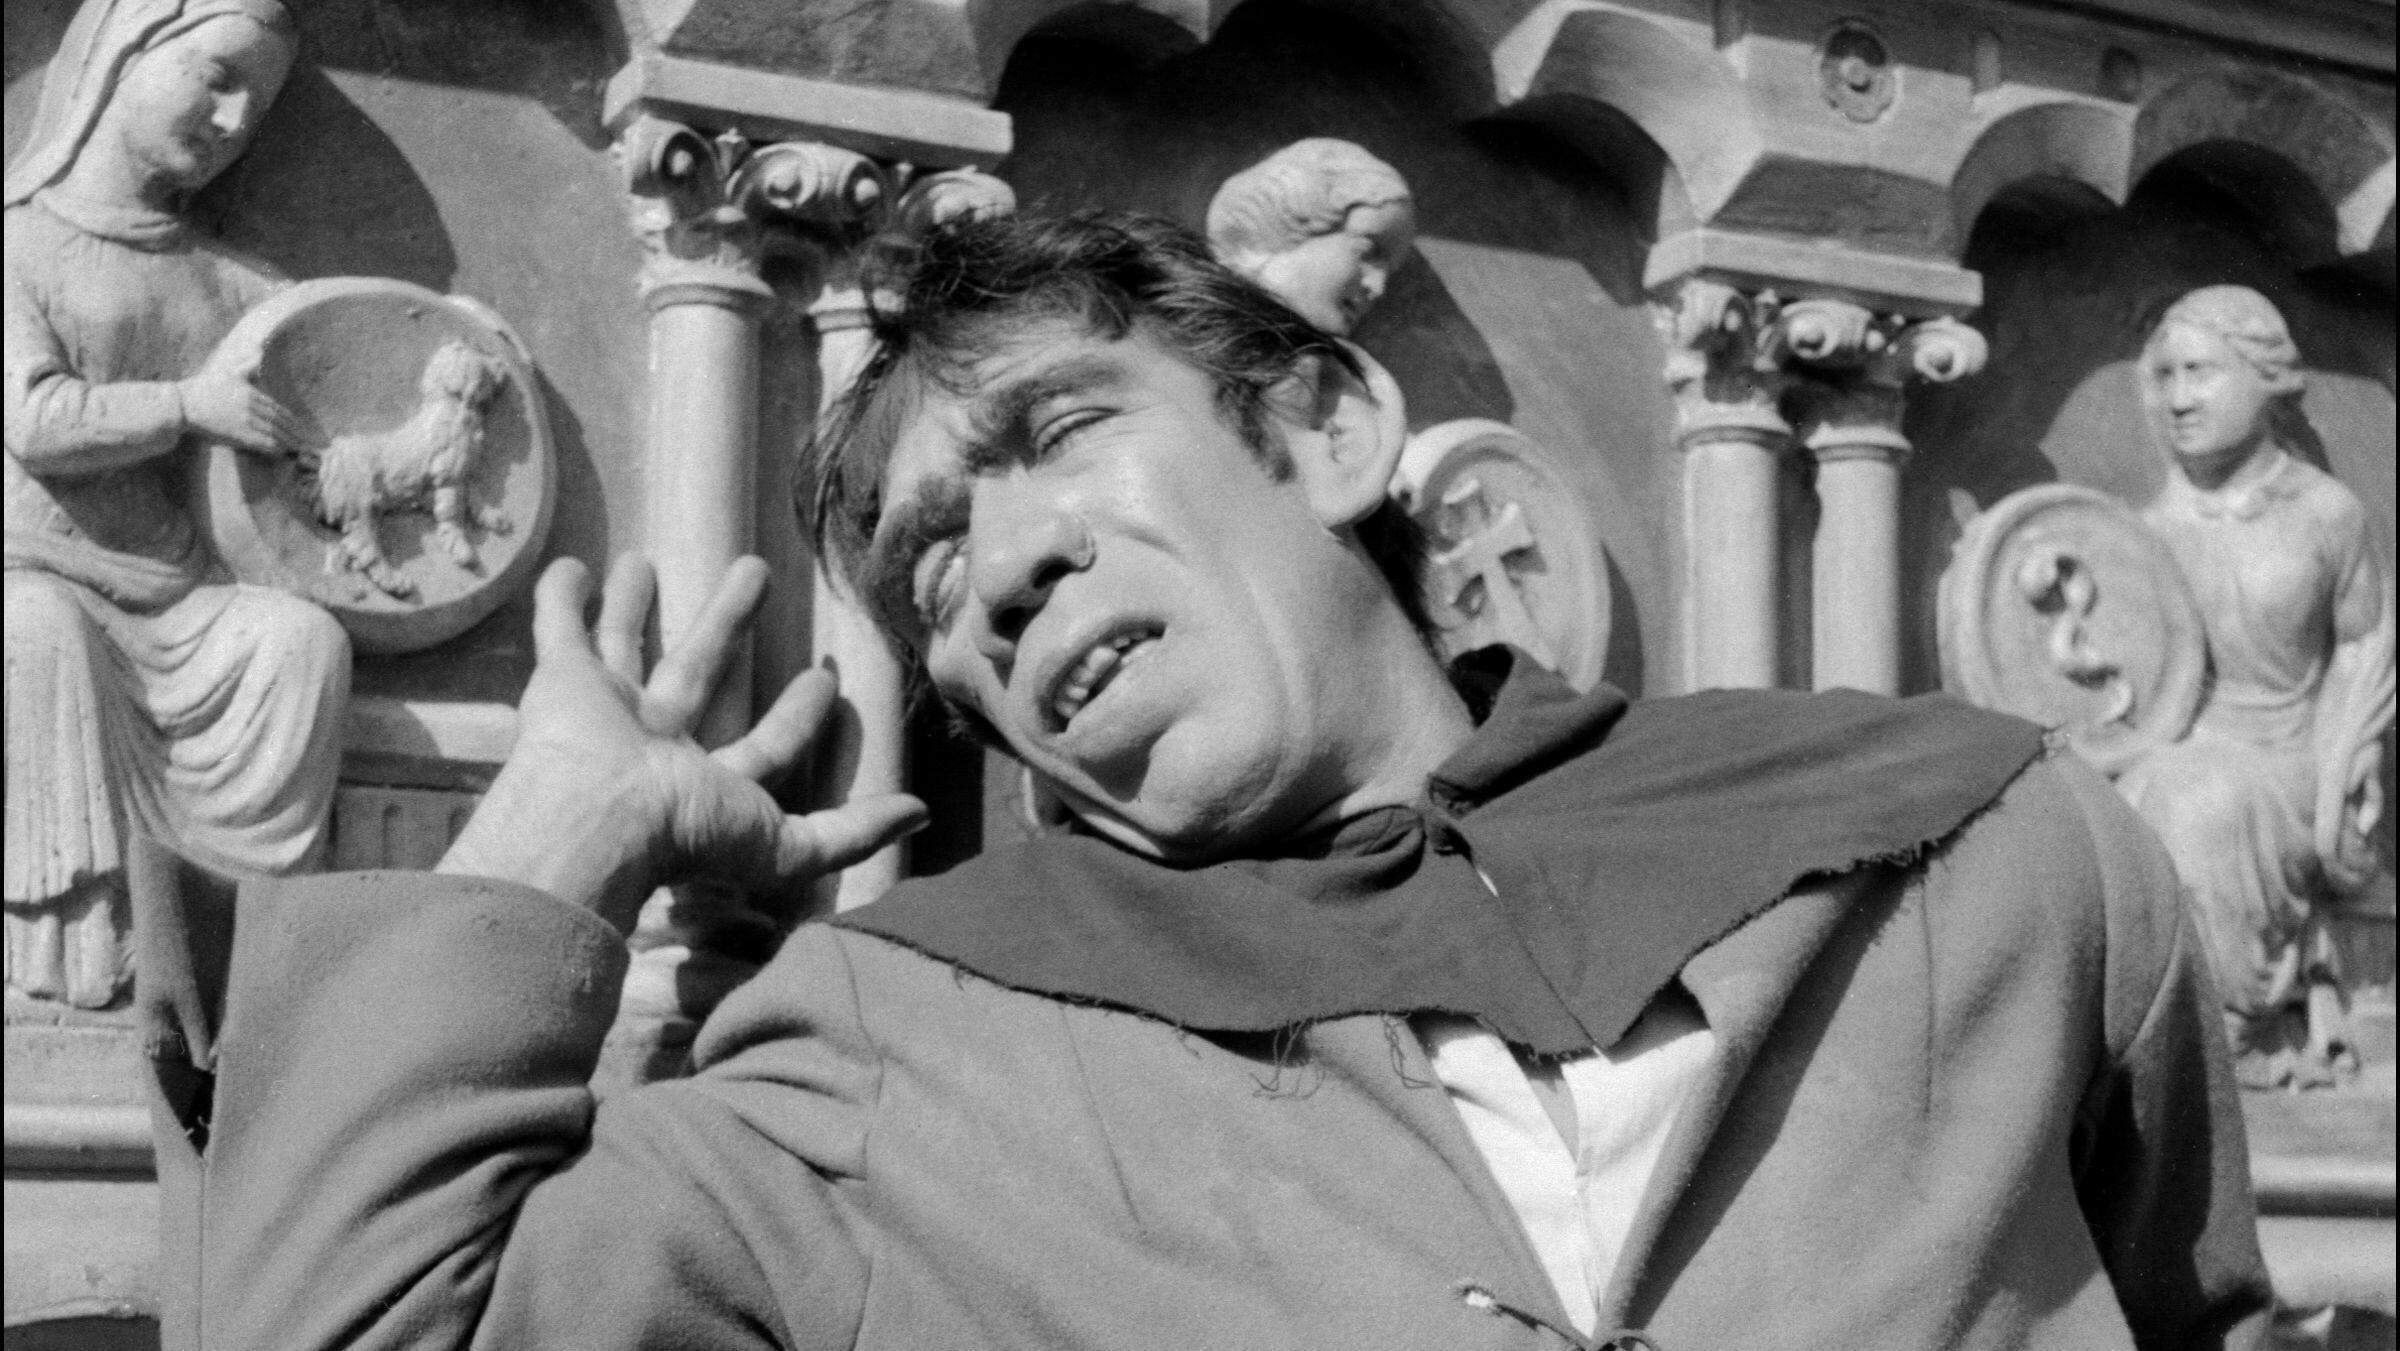 El actor estadounidense Anthony Quinn interpreta el papel de Quasimodo en 'Notre Dame de París', una película de Jean Delannoy, de 1956.